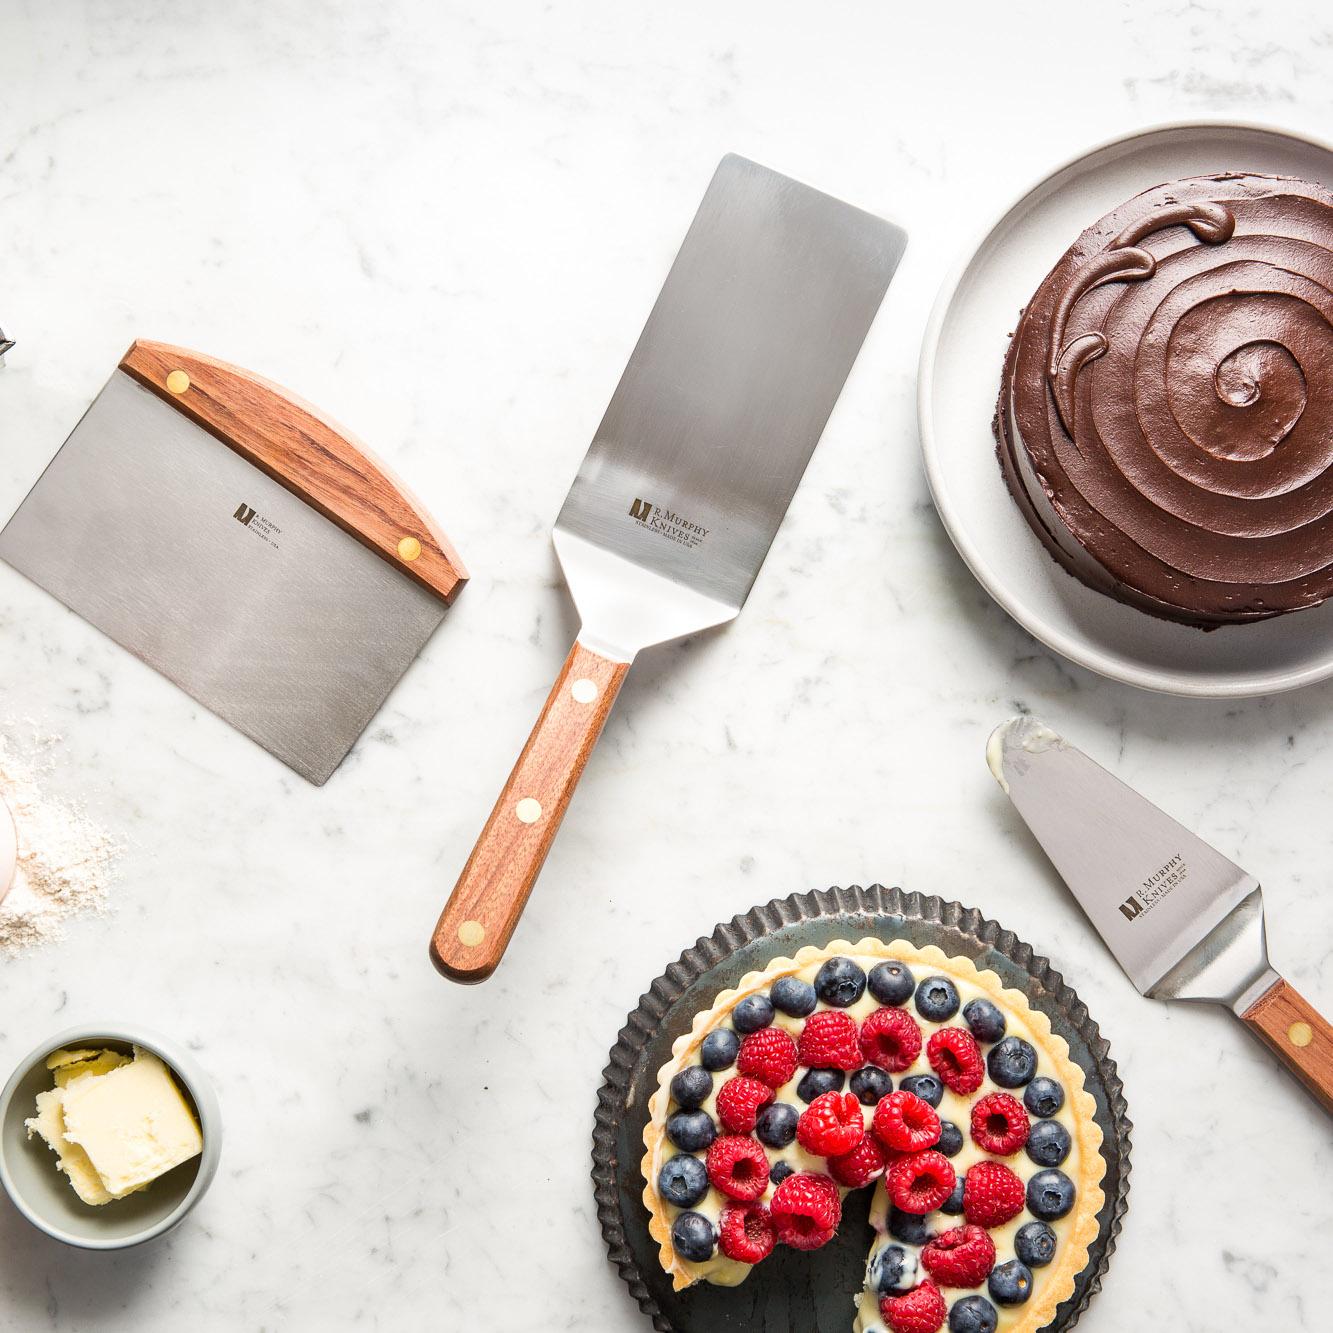 BakingSet3square